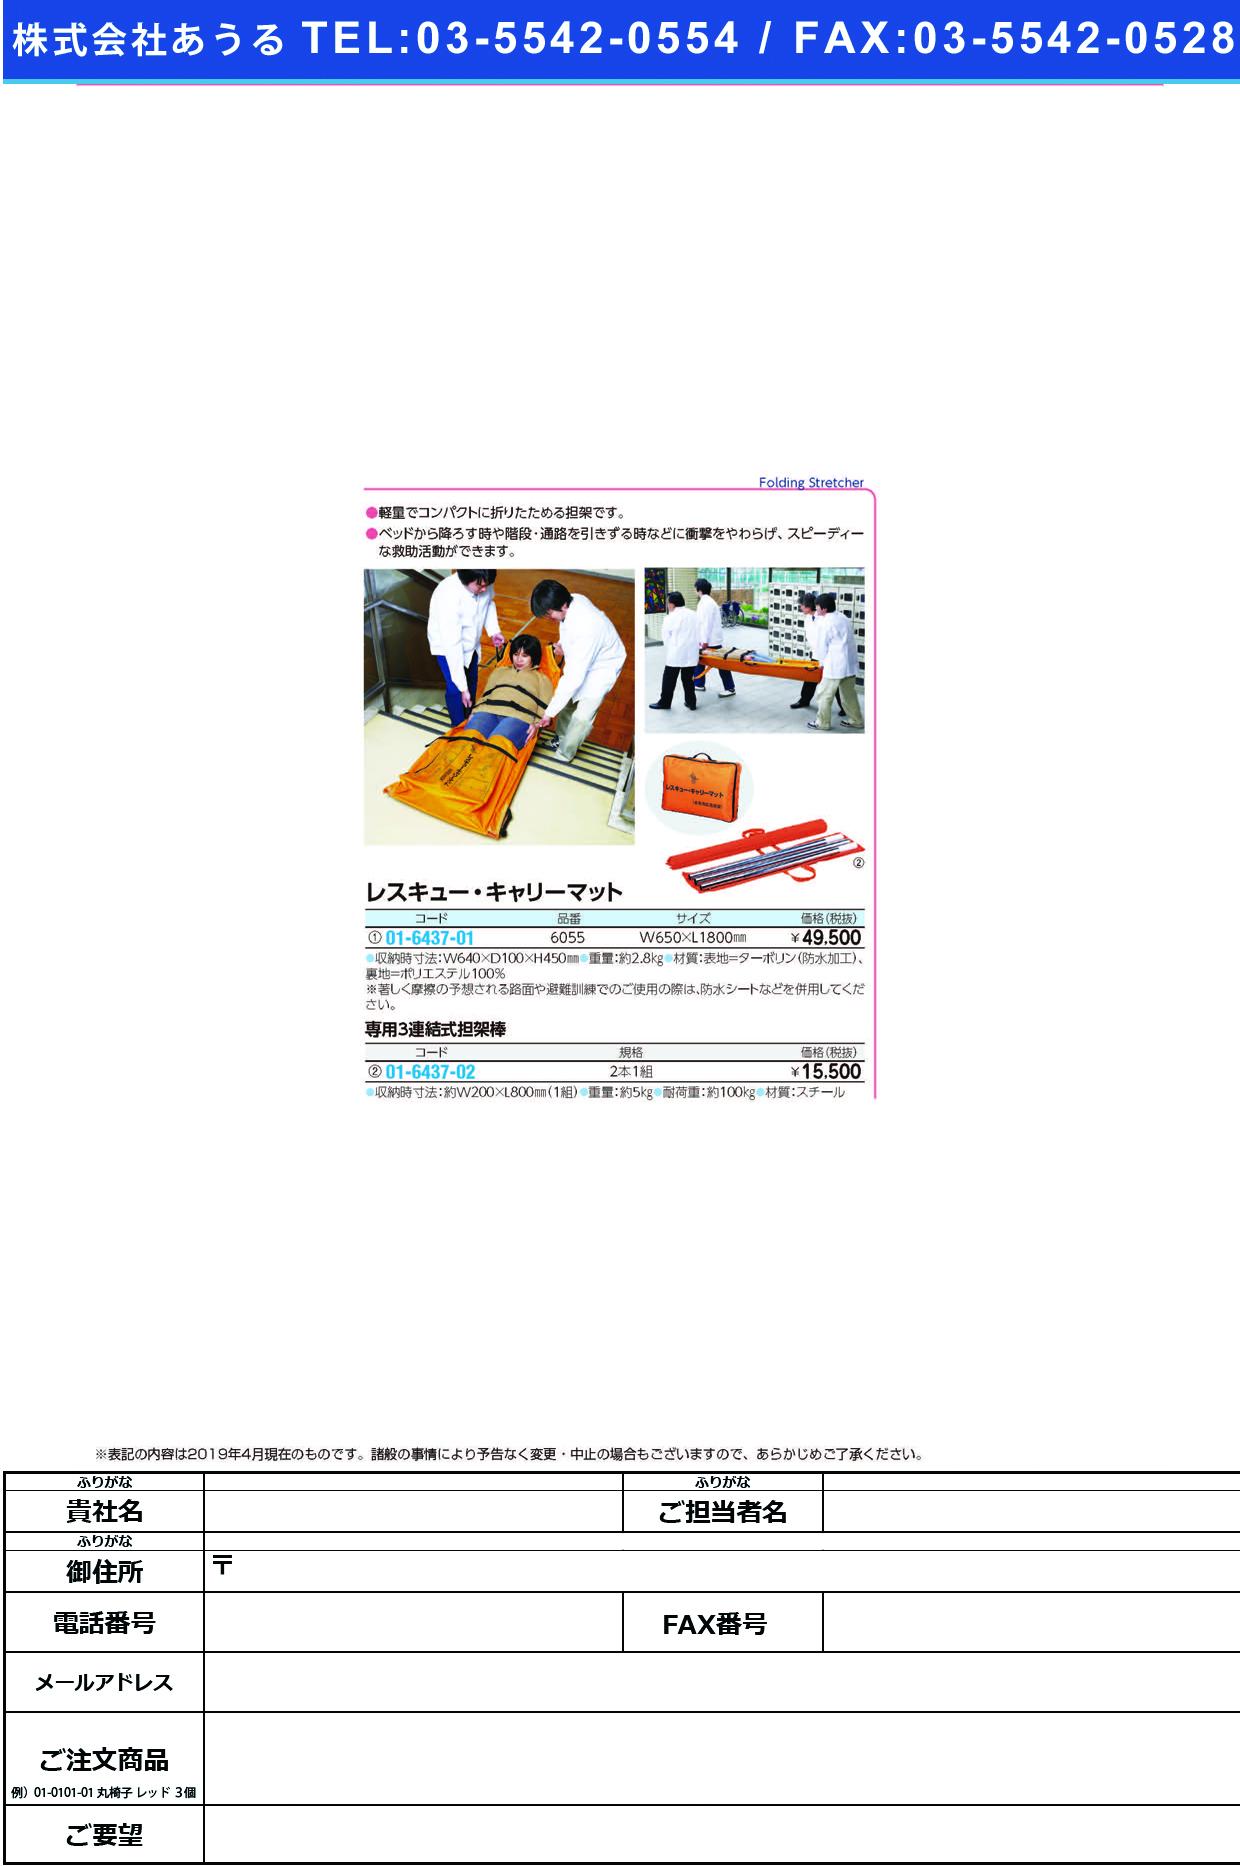 (01-6437-02)レスキューキャリーマット用3連担架棒 6057(2ホン1クミ) レスキューキャリーマットヨウタンカボウ【1組単位】【2019年カタログ商品】